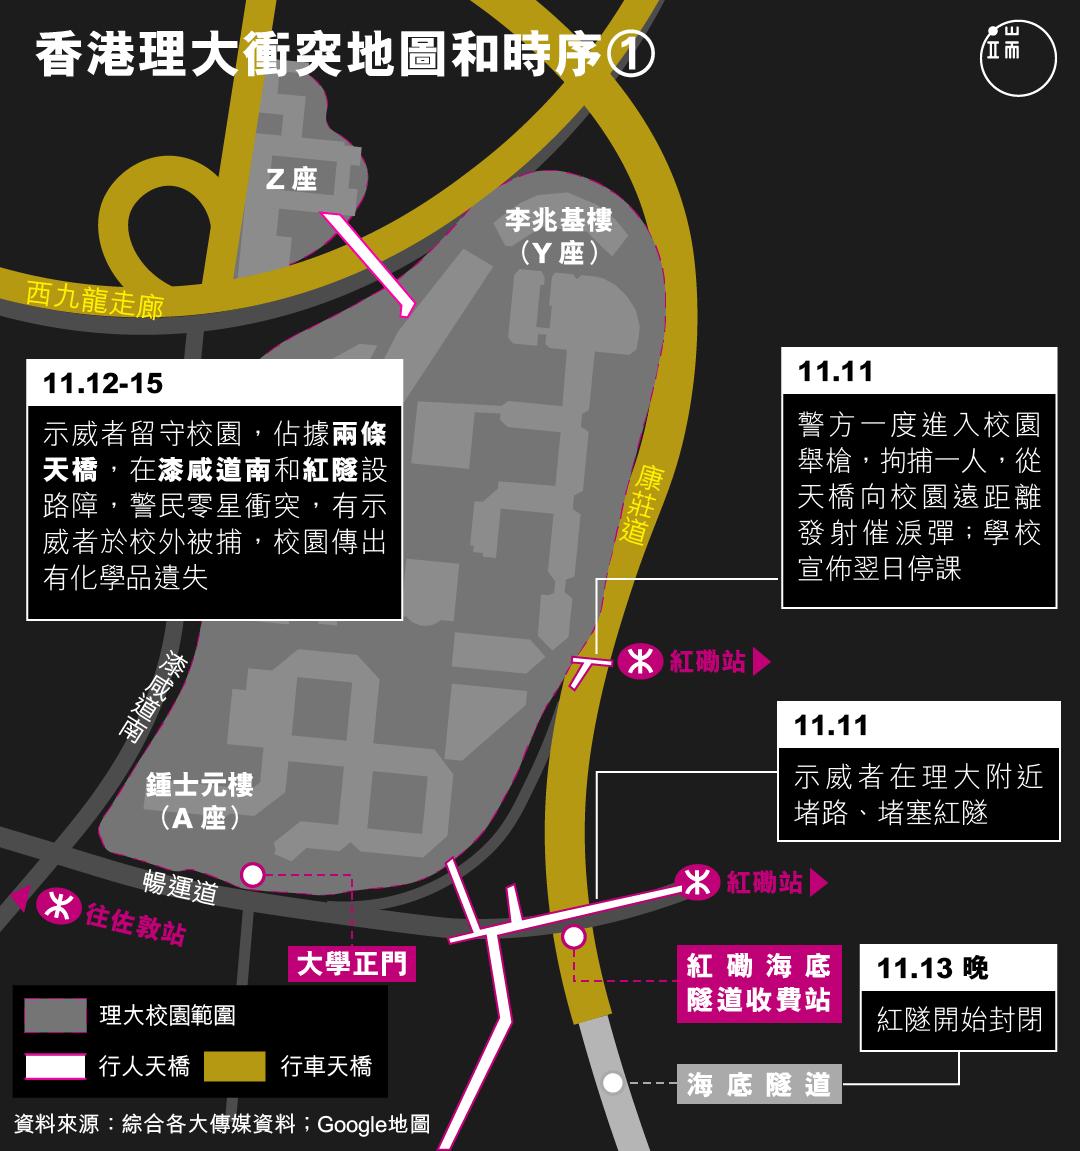 香港理大衝突地圖和時序(1)